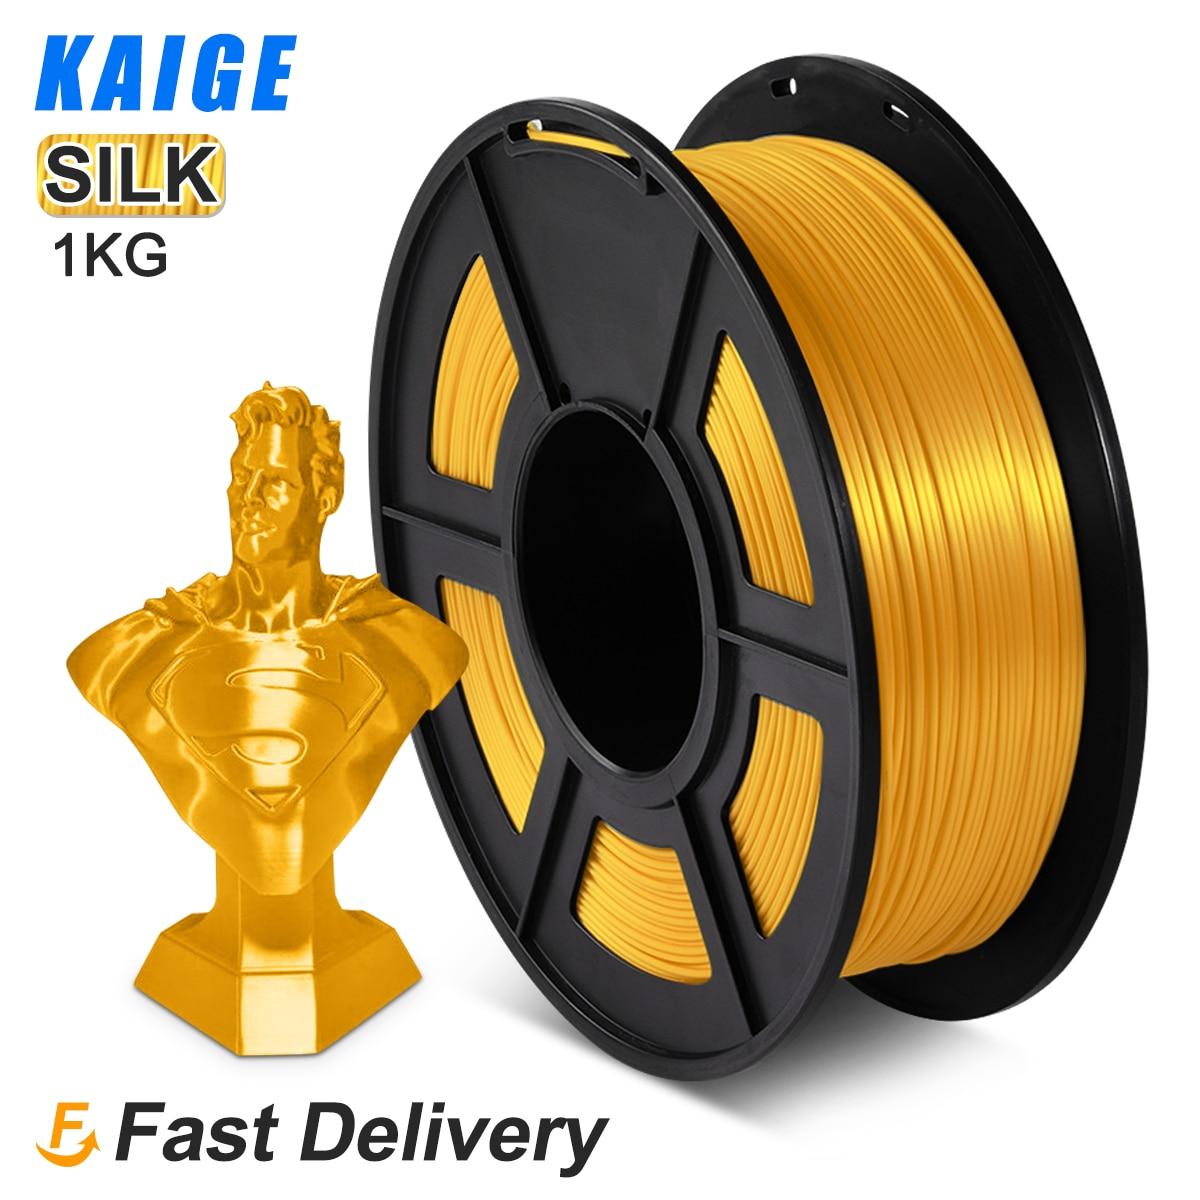 Filamento de Seda do Pla Textura de Seda 1kg para Impressoras Filamento Ouro Recargas Material Biodegradável Superfície Brilhante 3d 1.75mm Luz